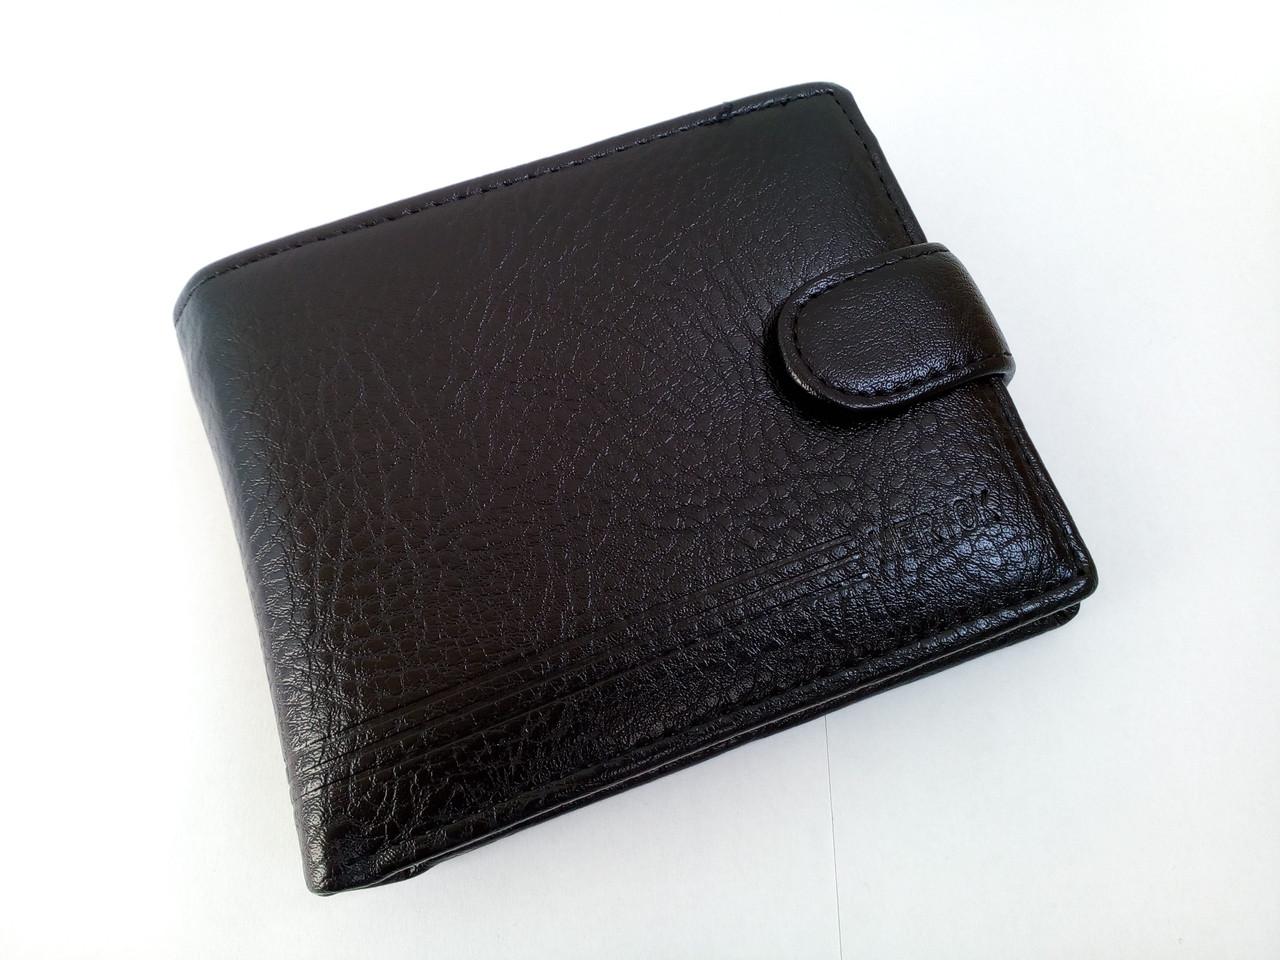 Мужской  кошелек натуральная кожа cверху чорный